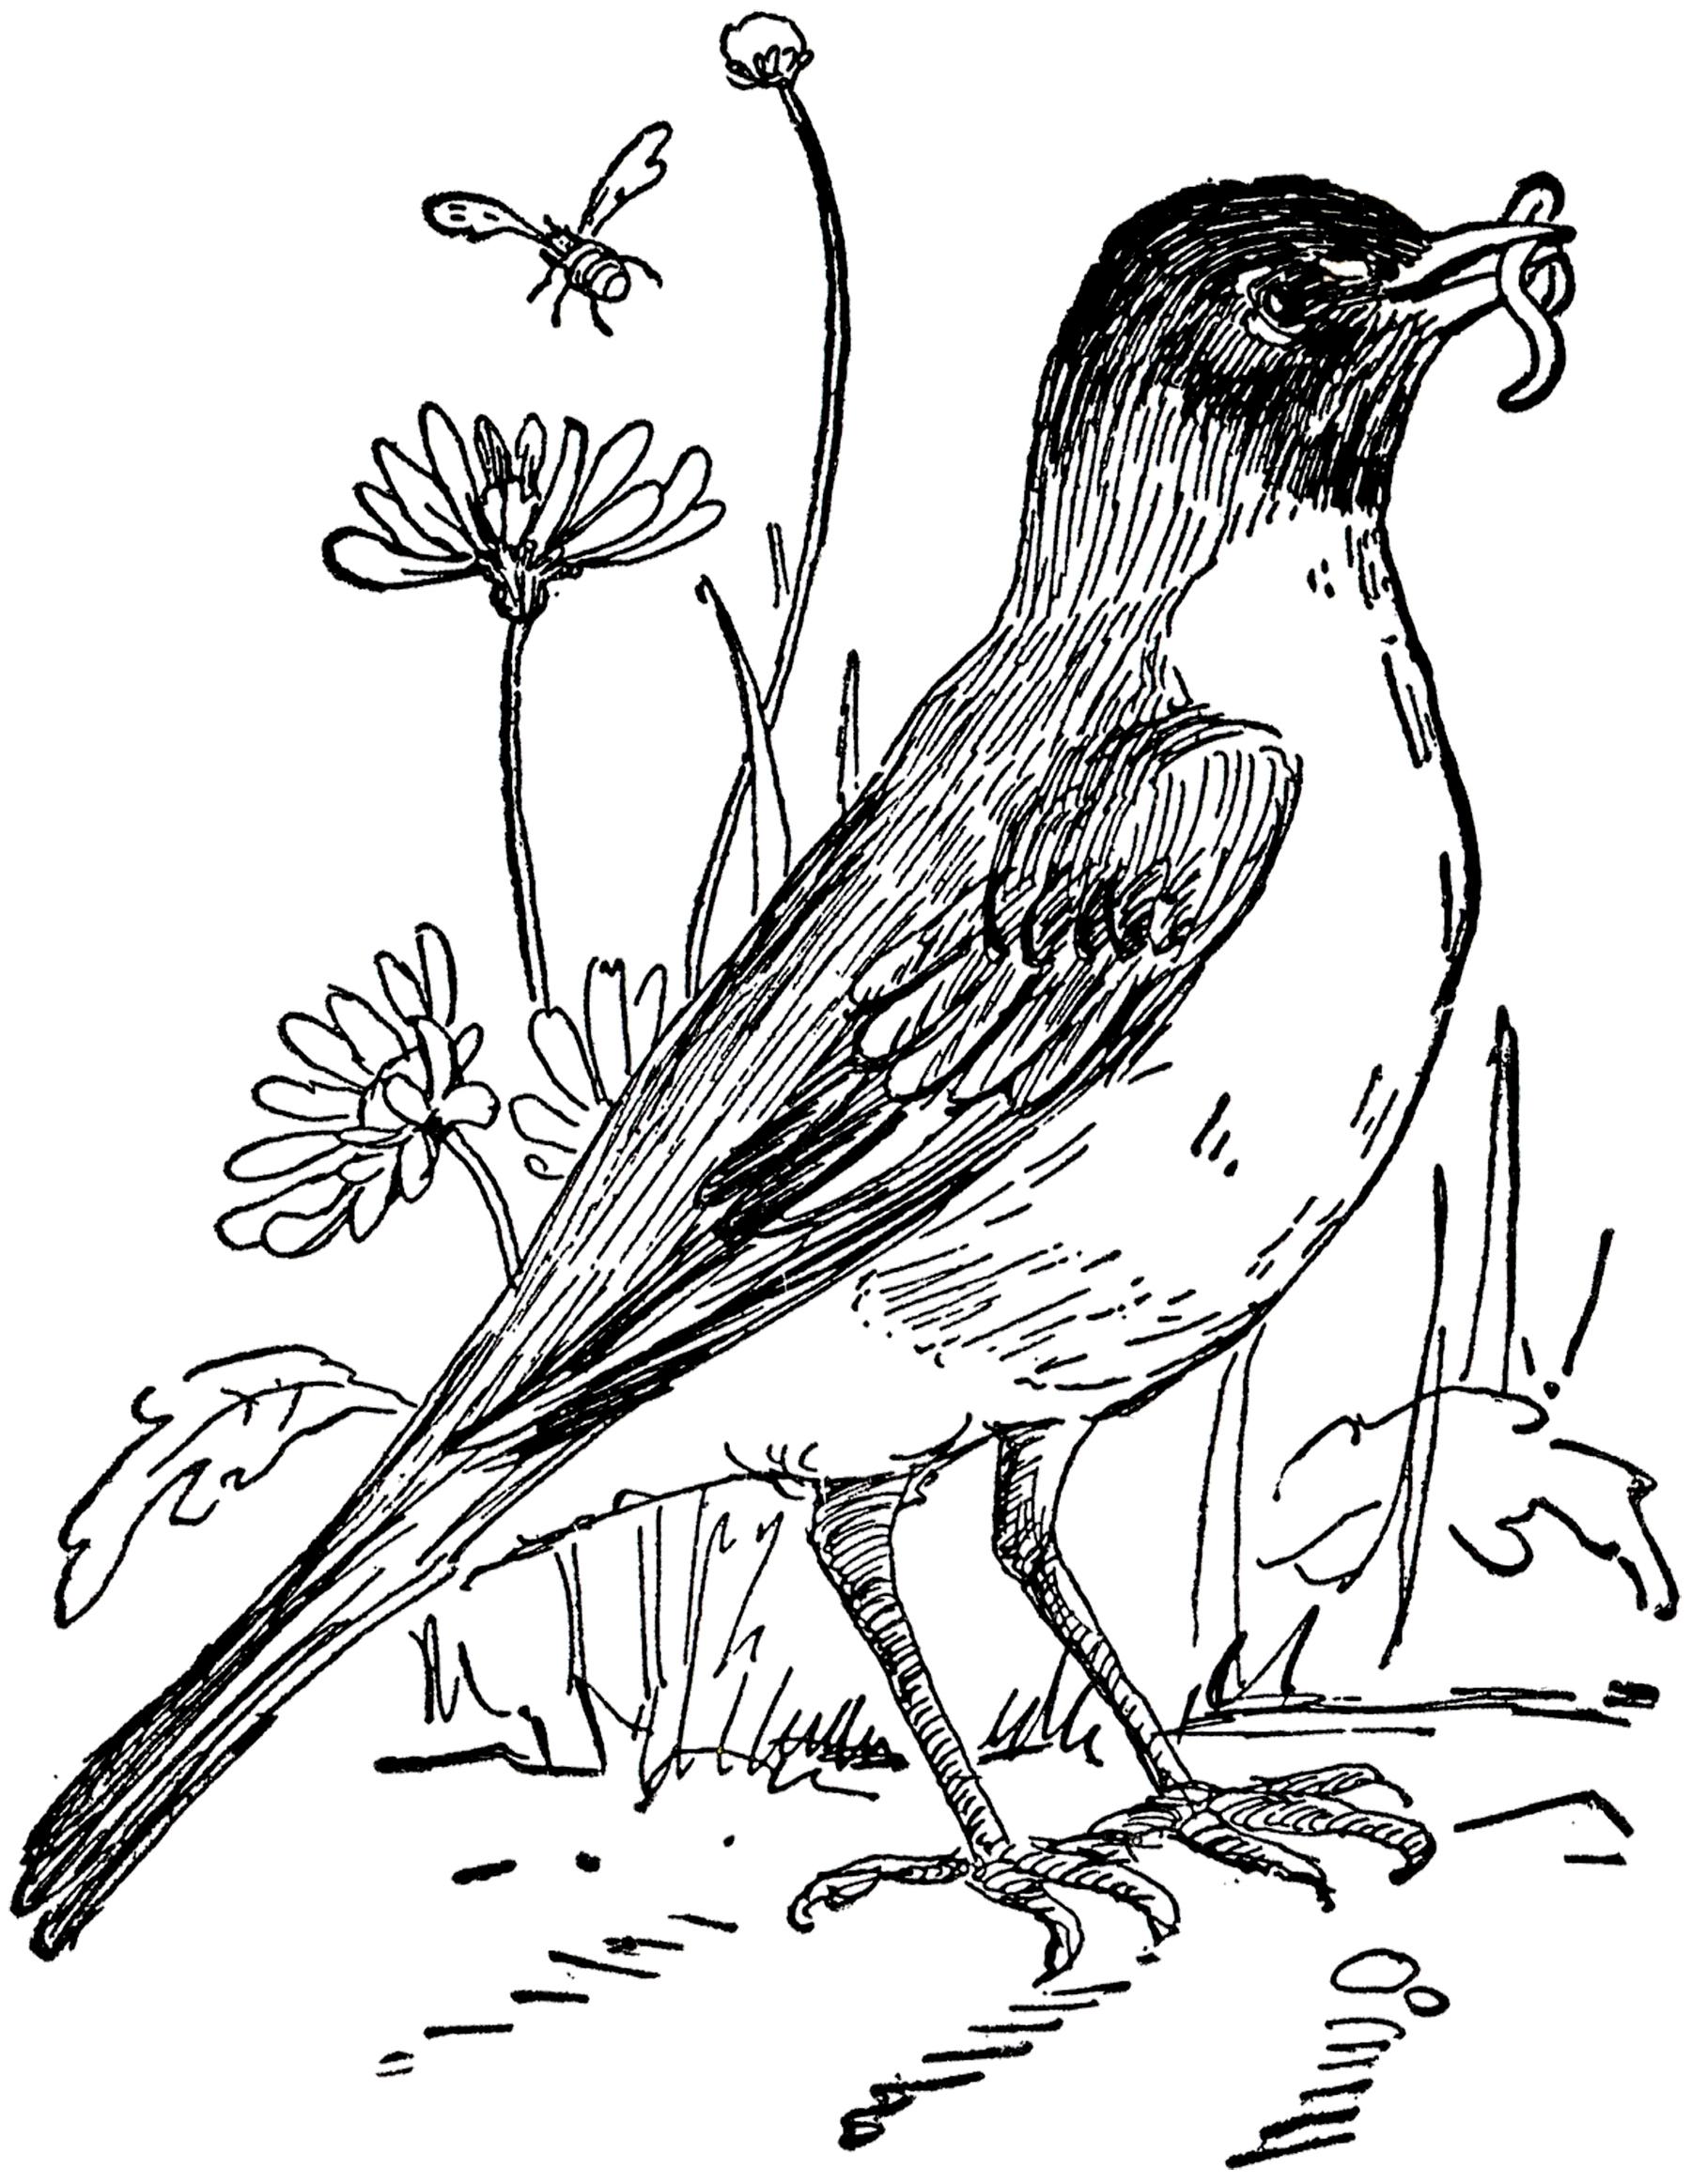 Drawn robin worm Bird Robin White Robin Black